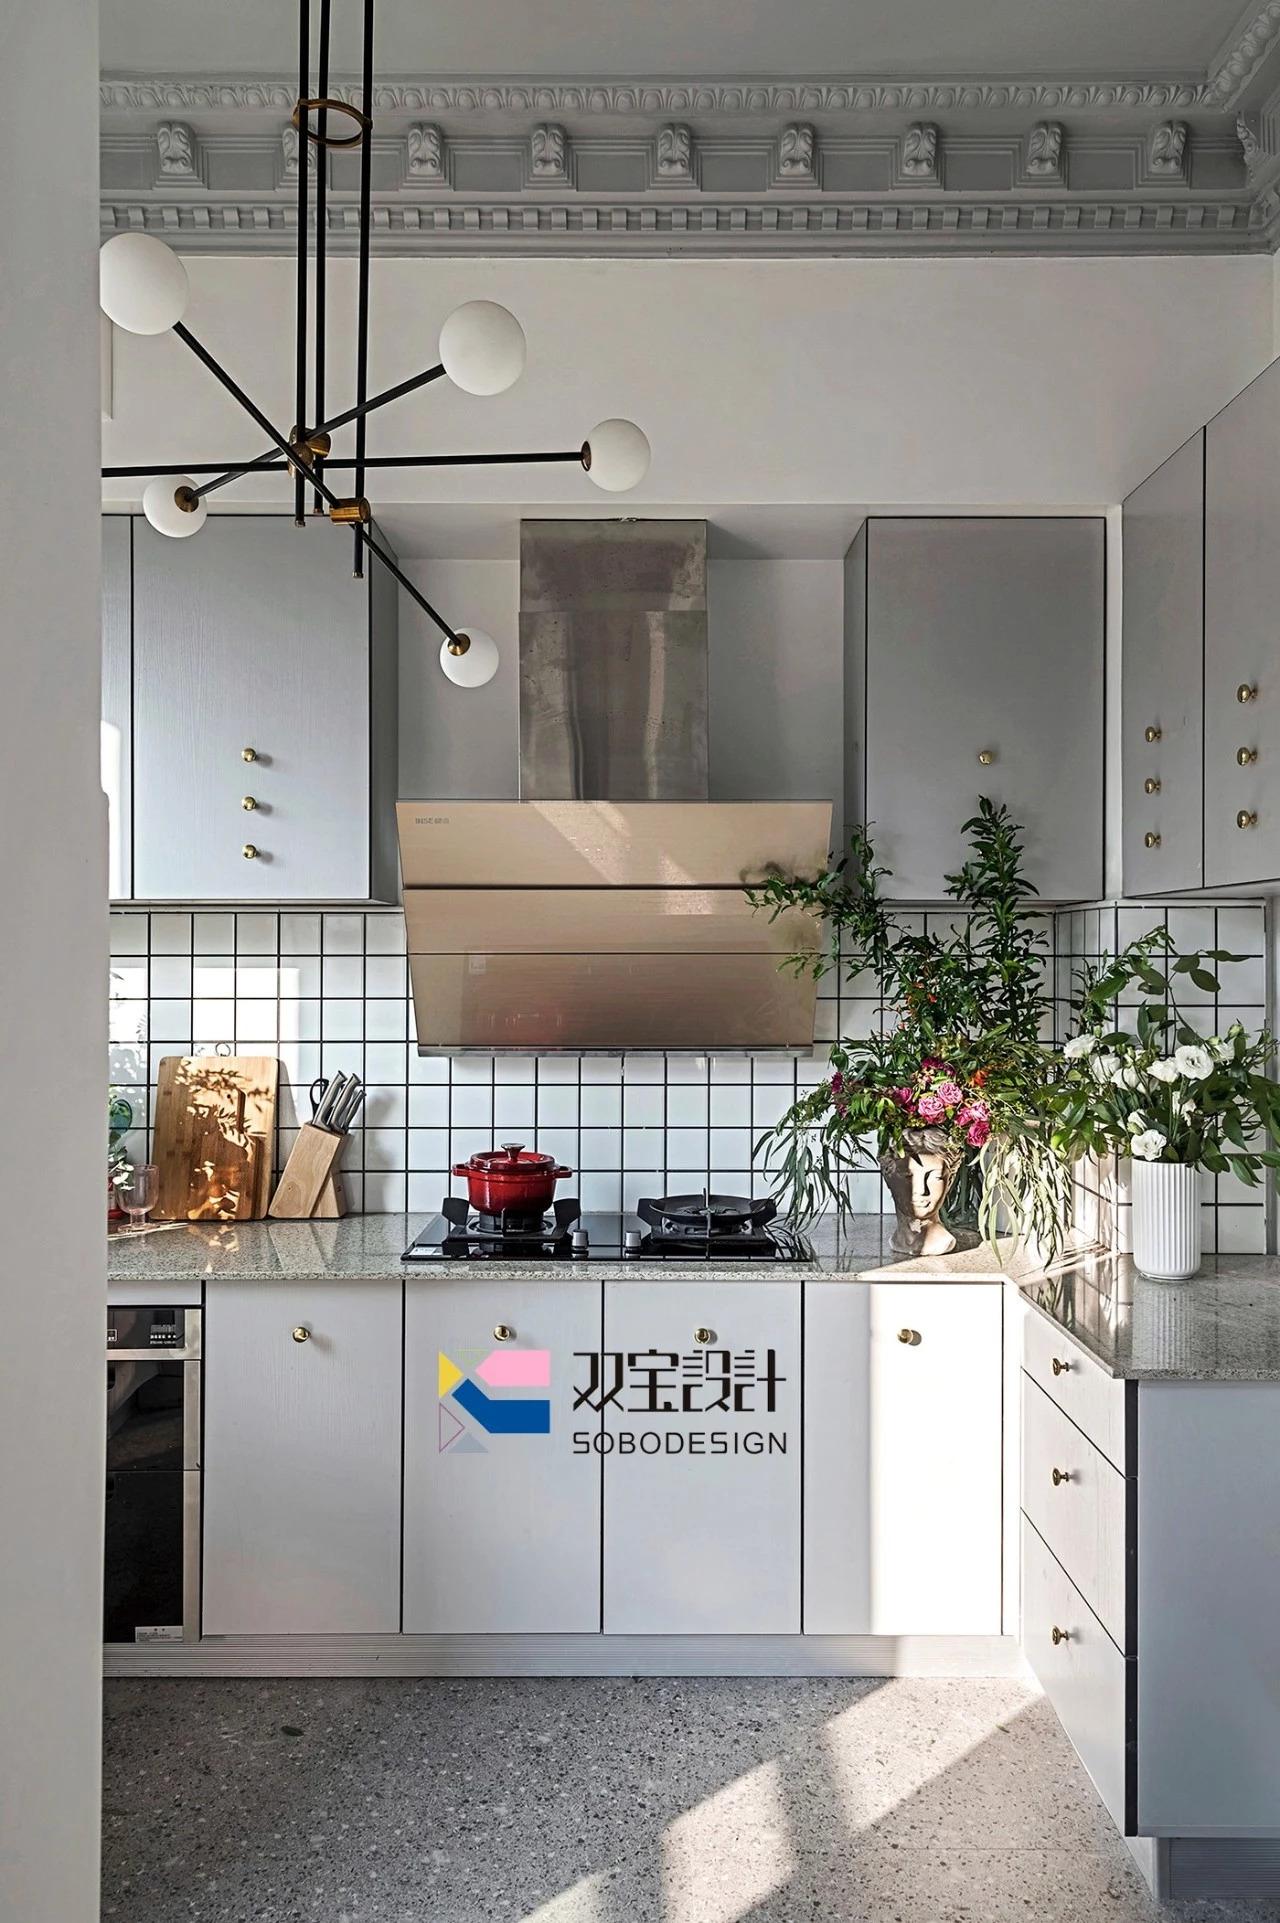 170㎡法式风格厨房装修效果图